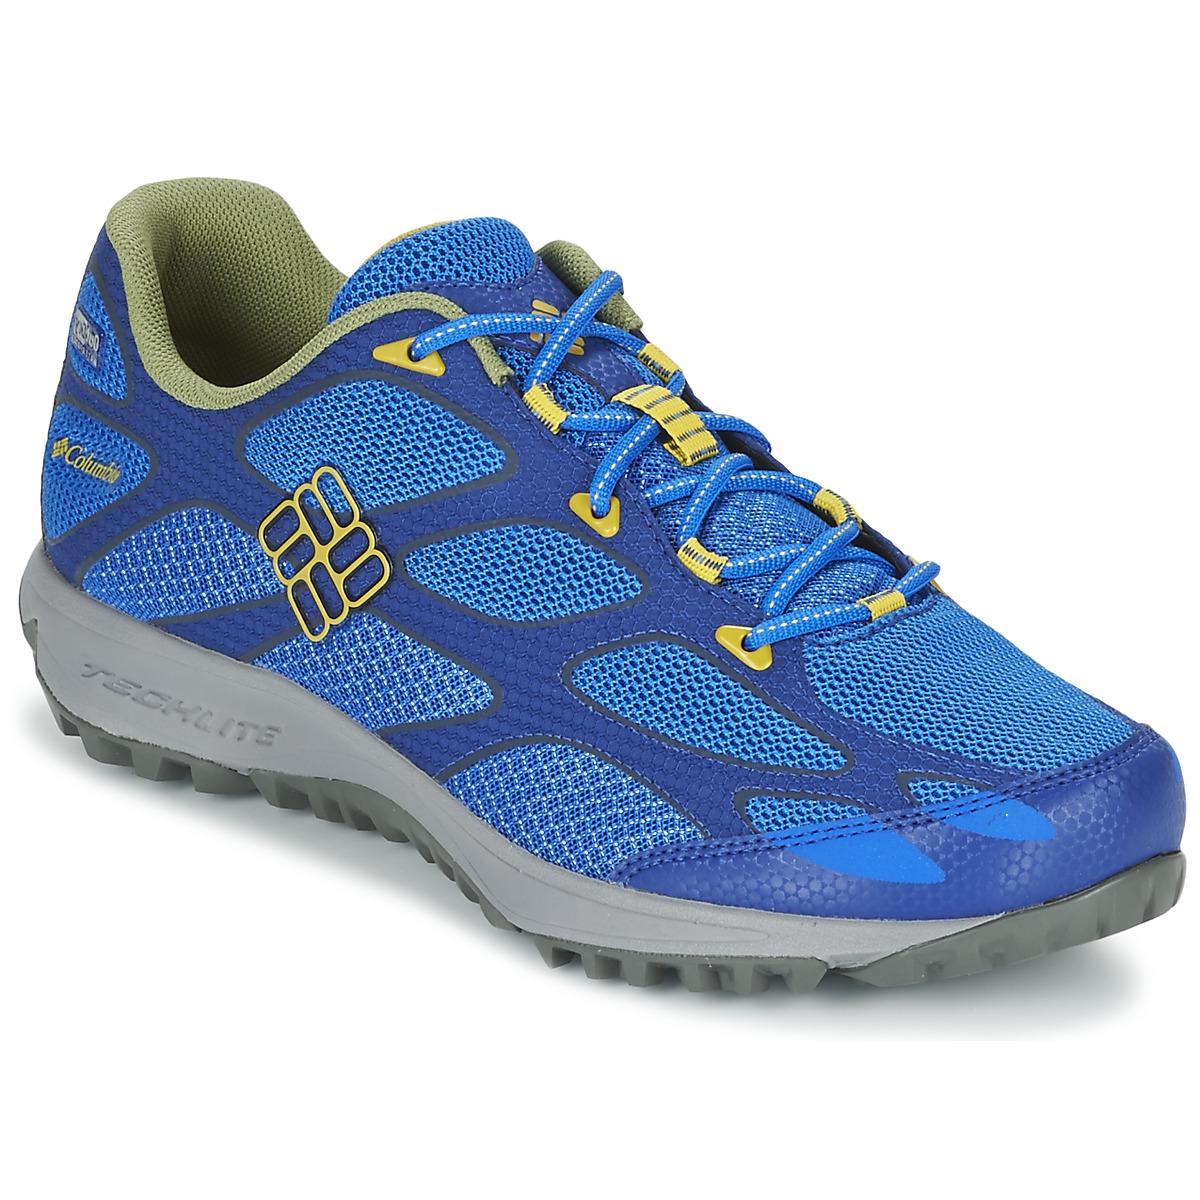 Chaussures-de-running Columbia CONSPIRACY IV OUTDRY Bleu